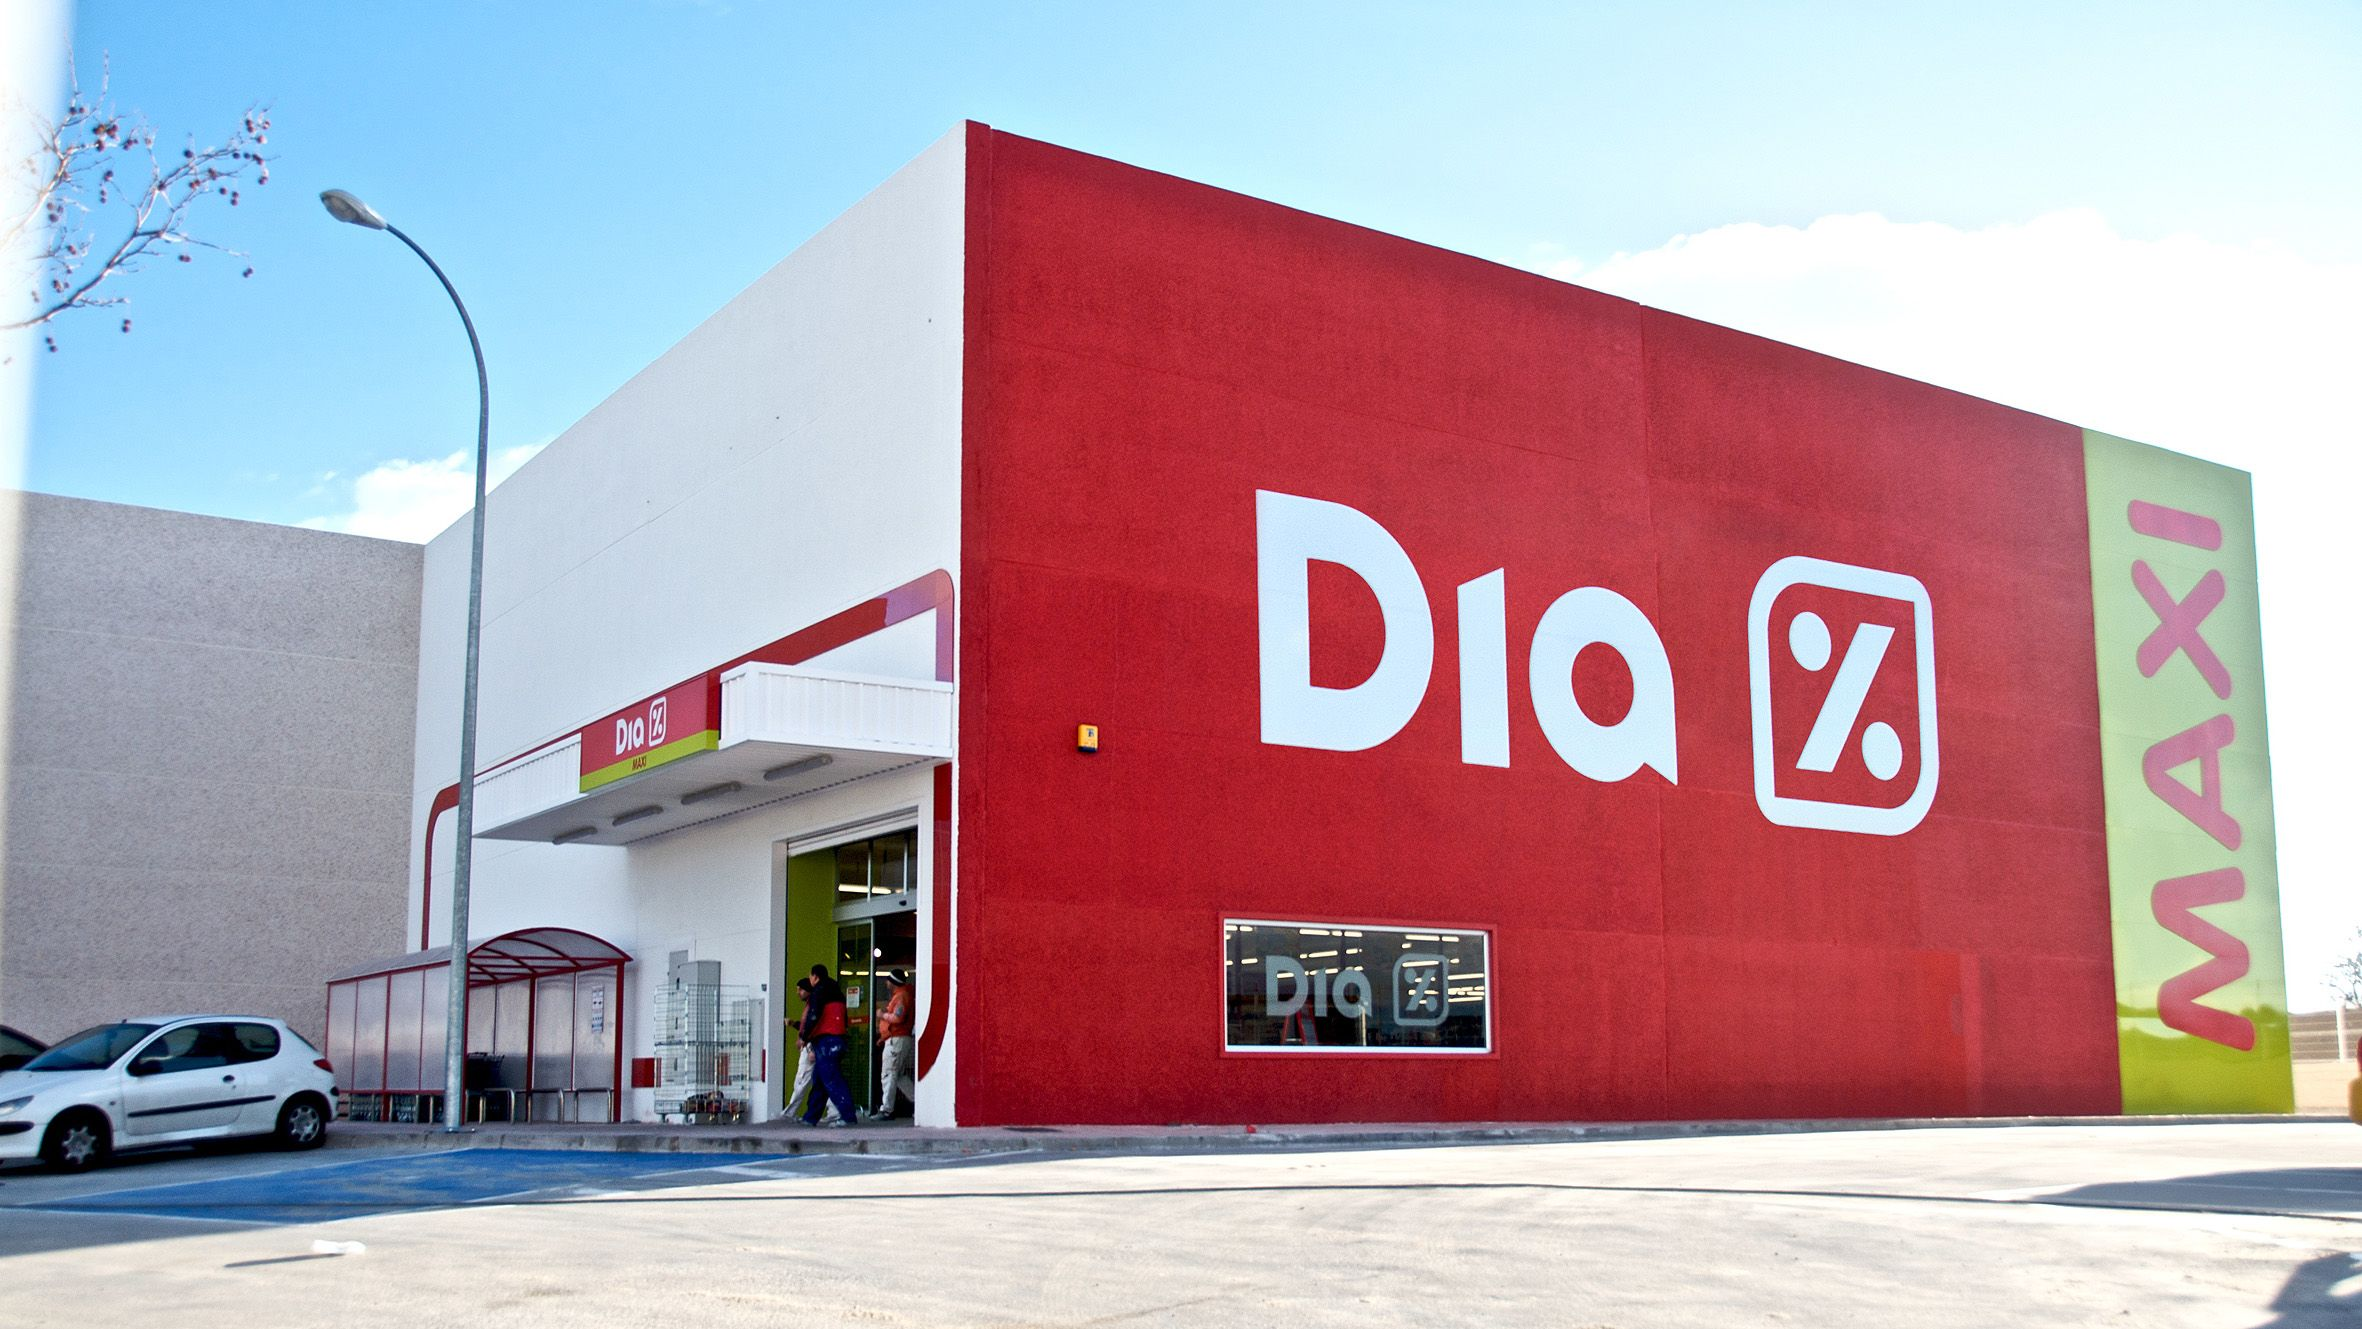 Supermercados Día